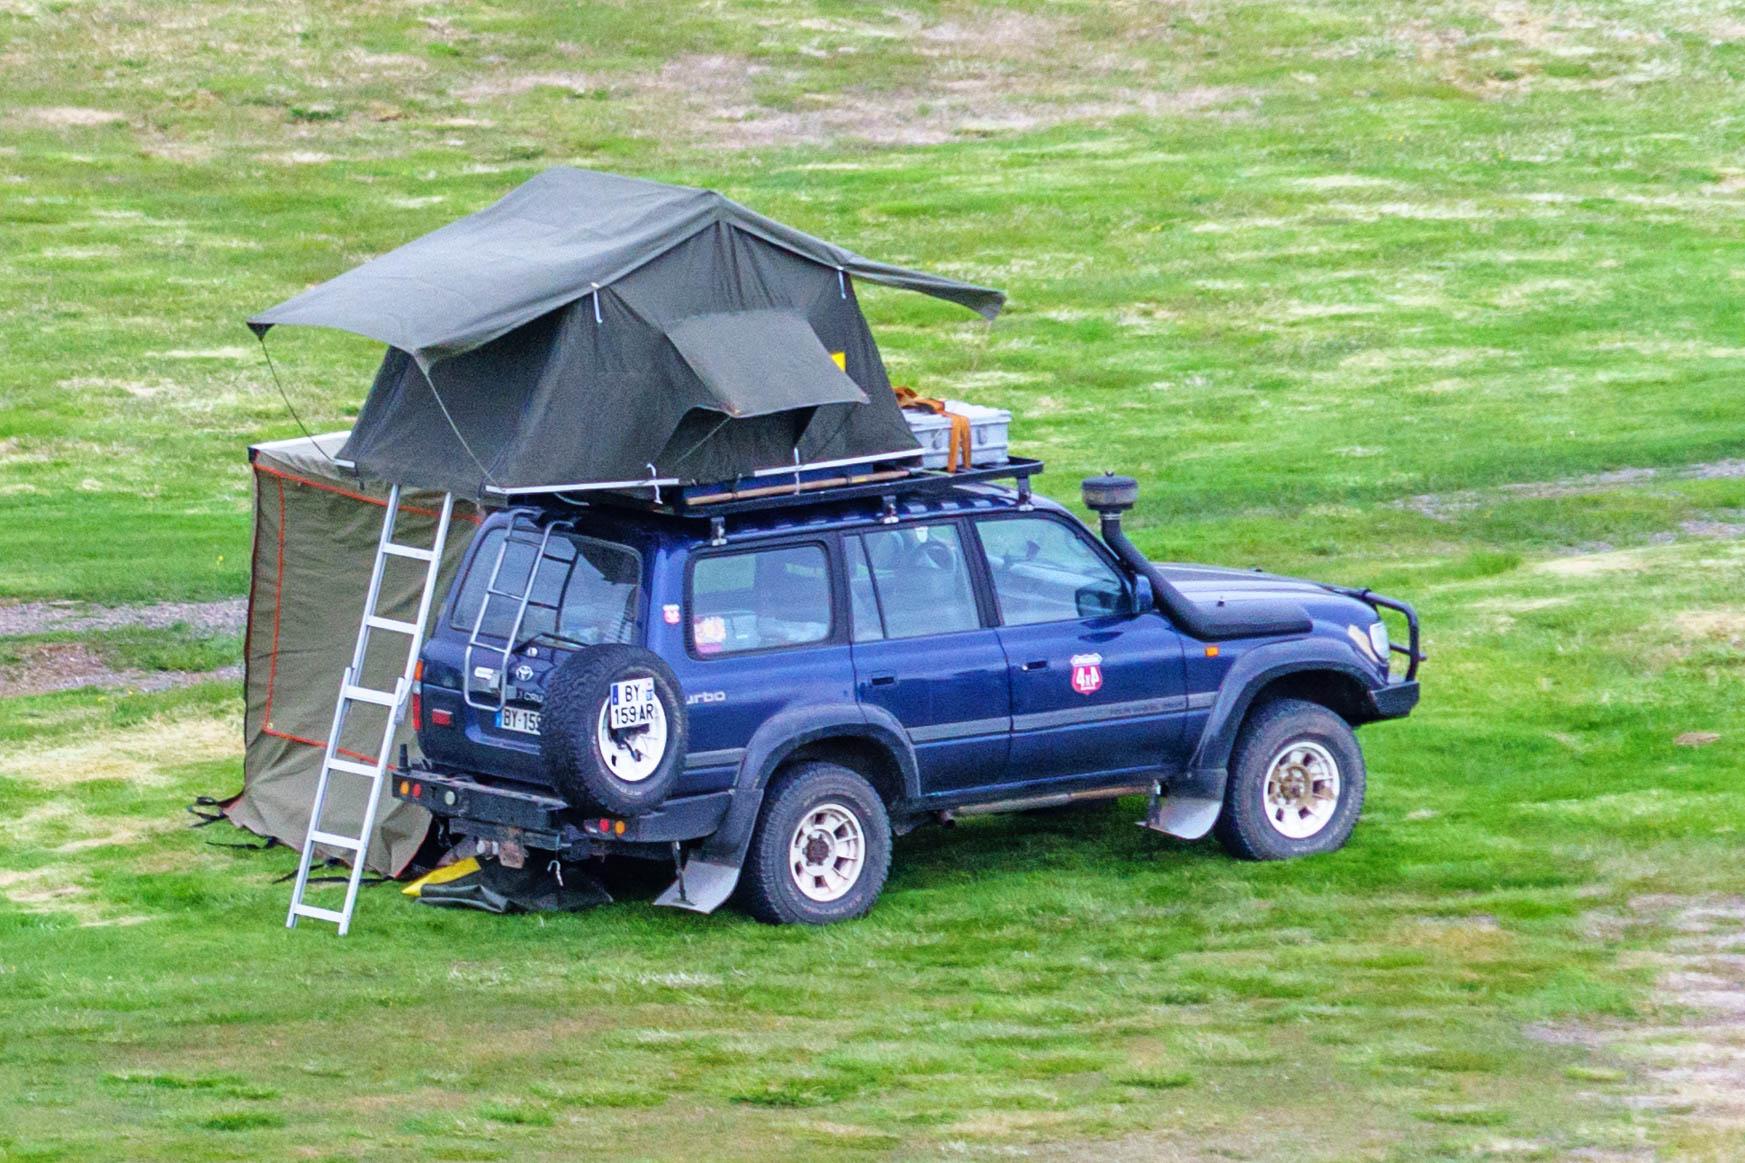 Multifunktions 4x4 Wagen